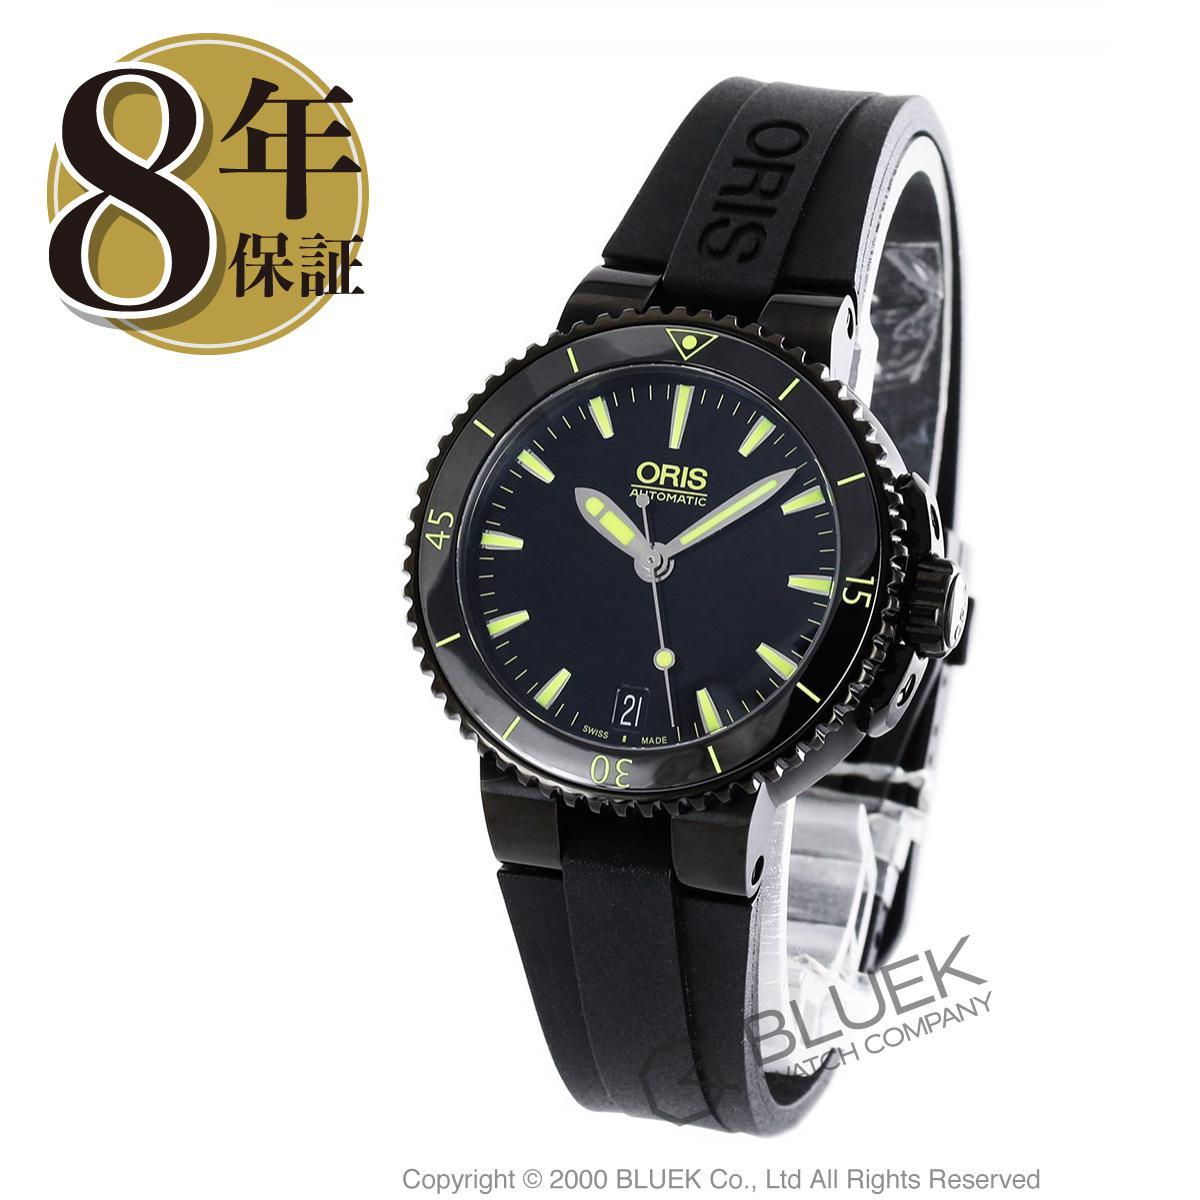 オリス アクイス デイト 300m防水 腕時計 レディース ORIS 733 7652 4722R_8